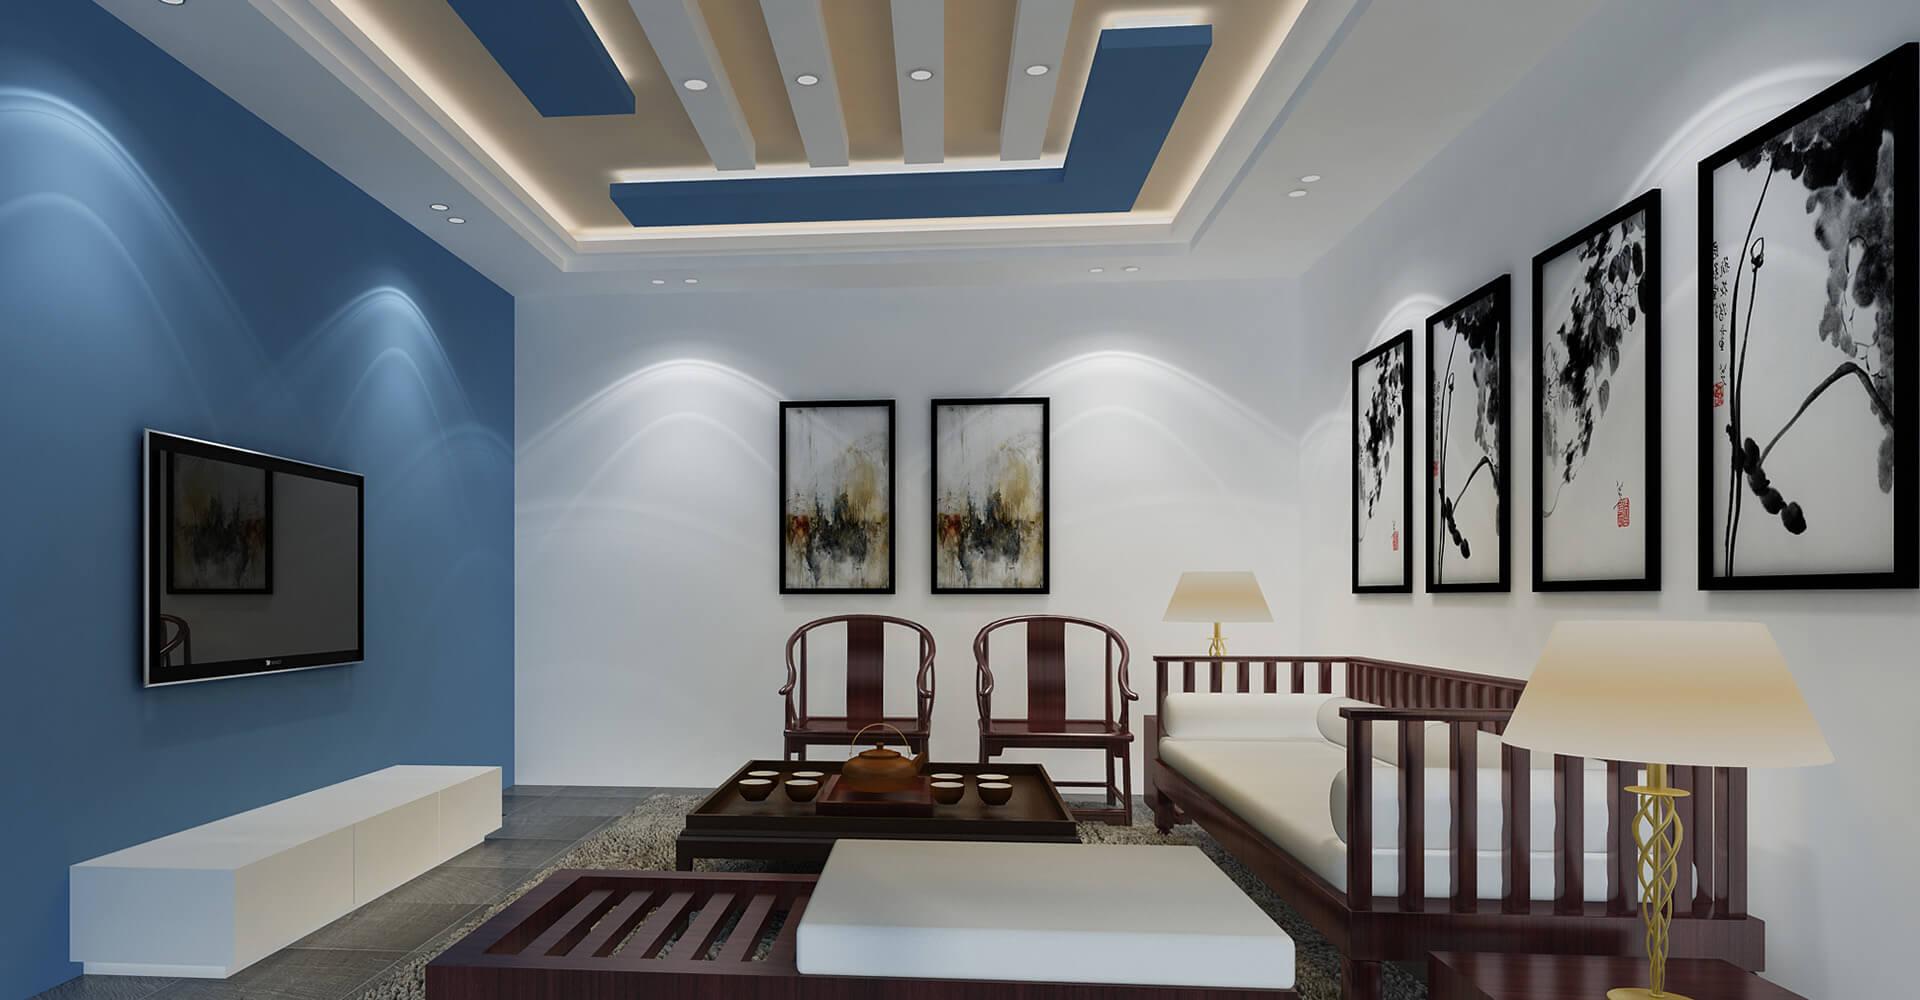 Gypsum Ceiling Supplies